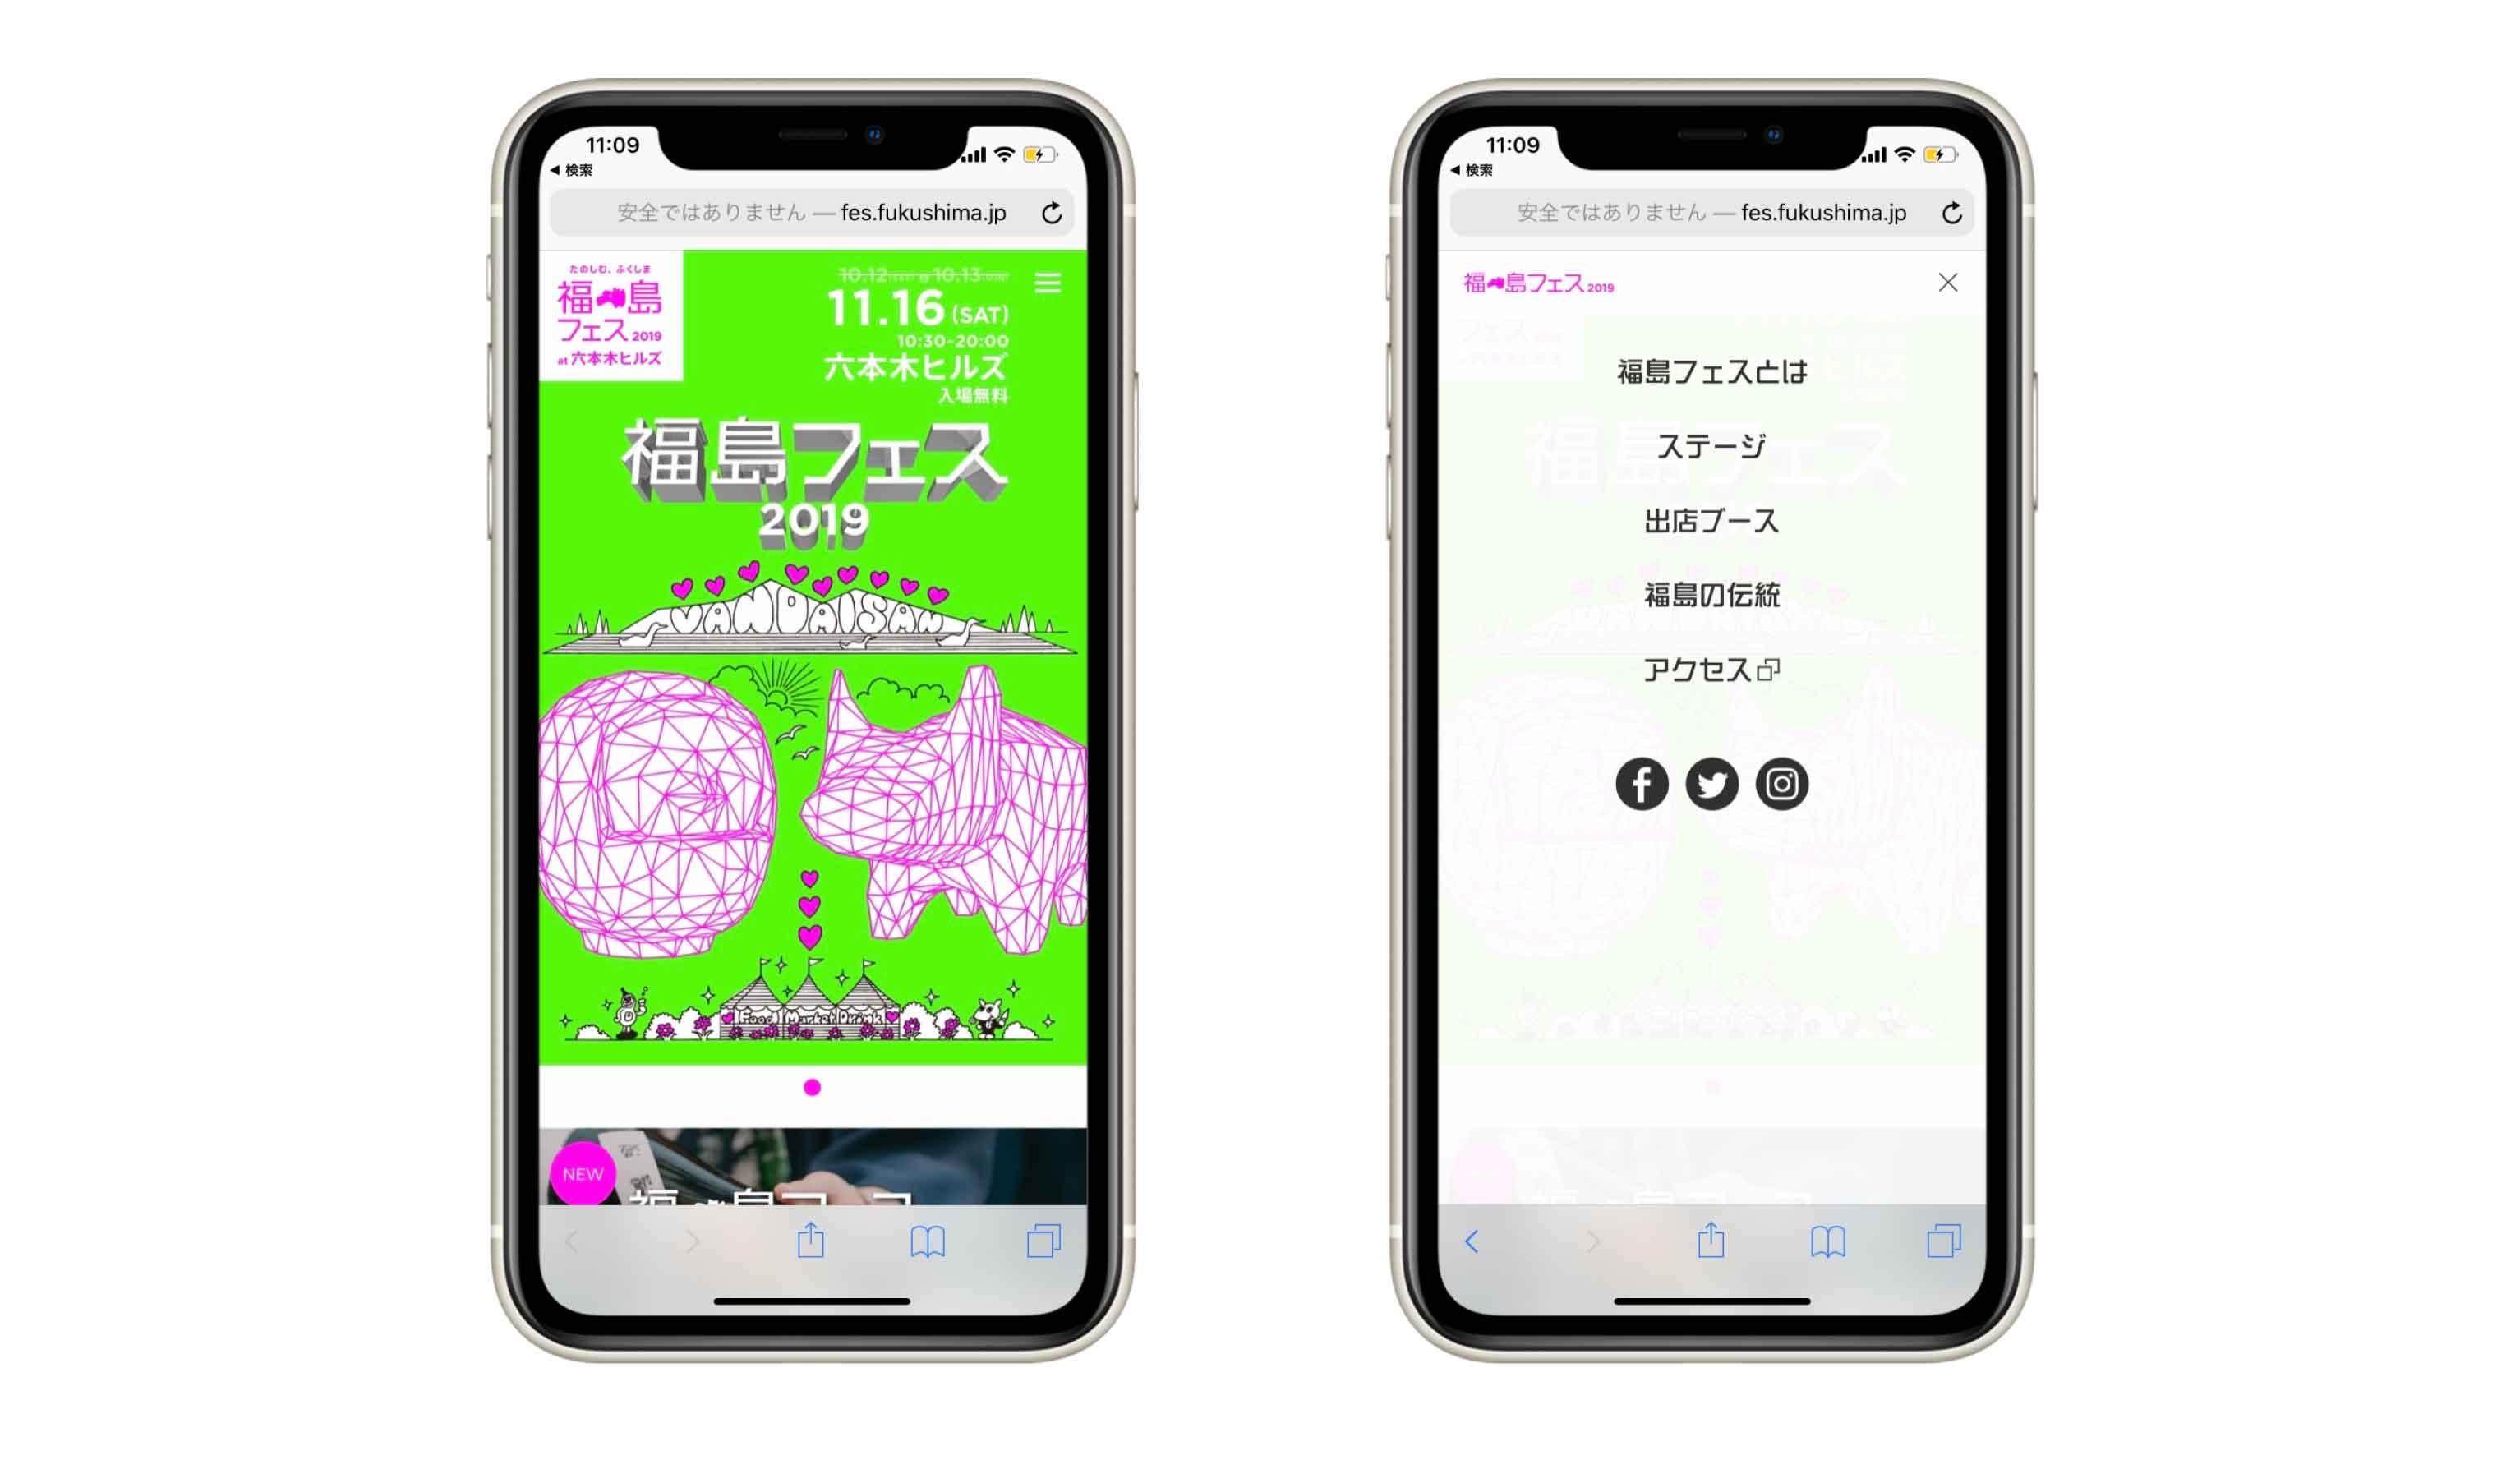 福島FES / WEB